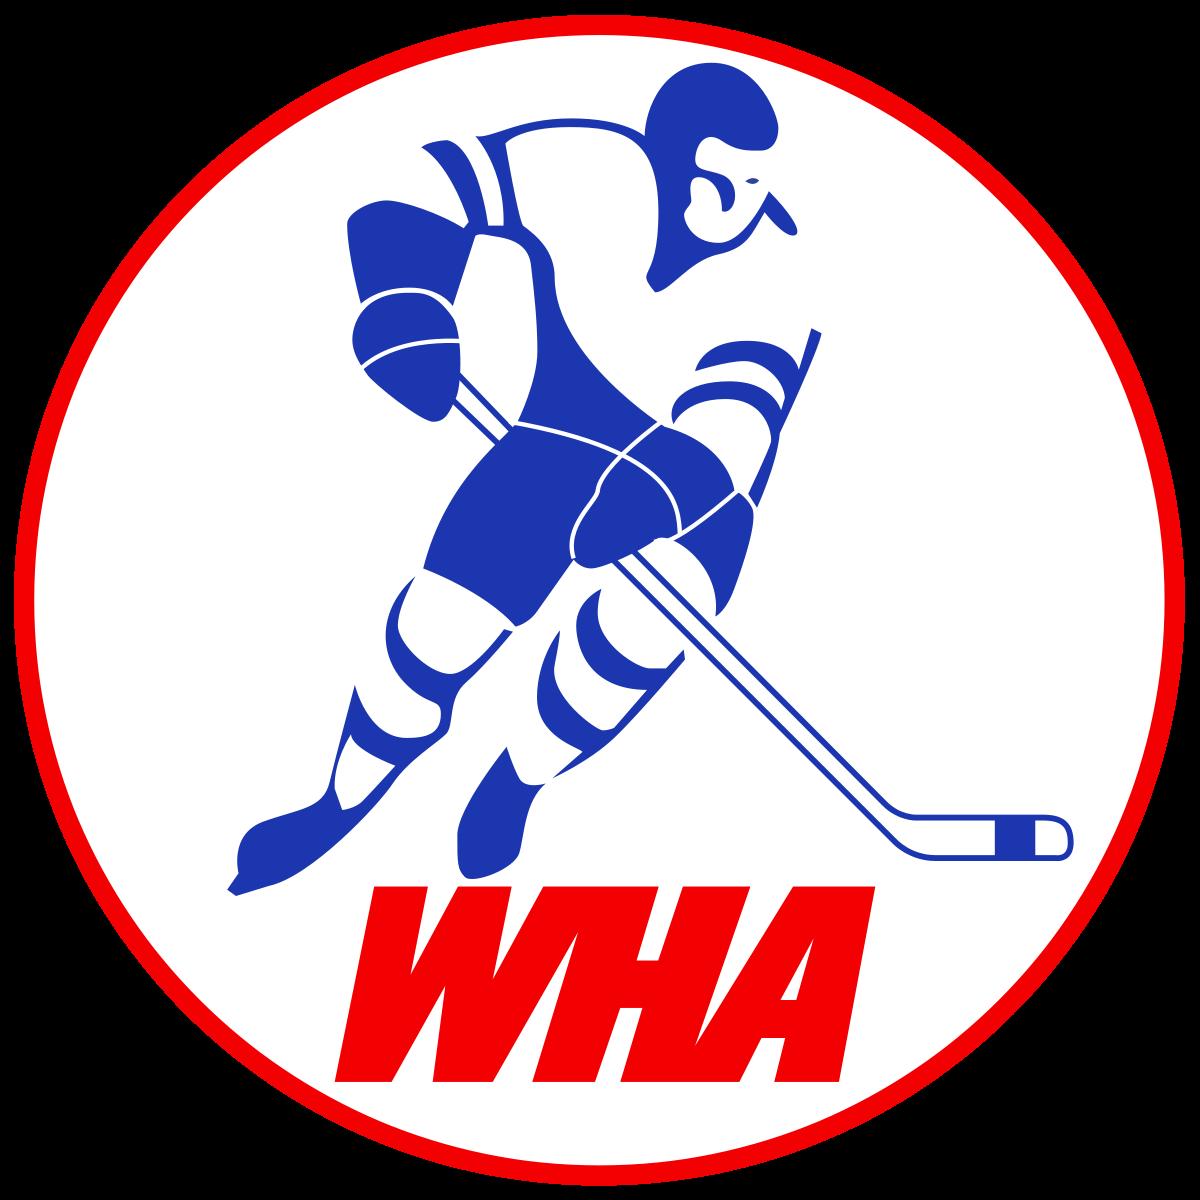 World Hockey Association - Wikipedia